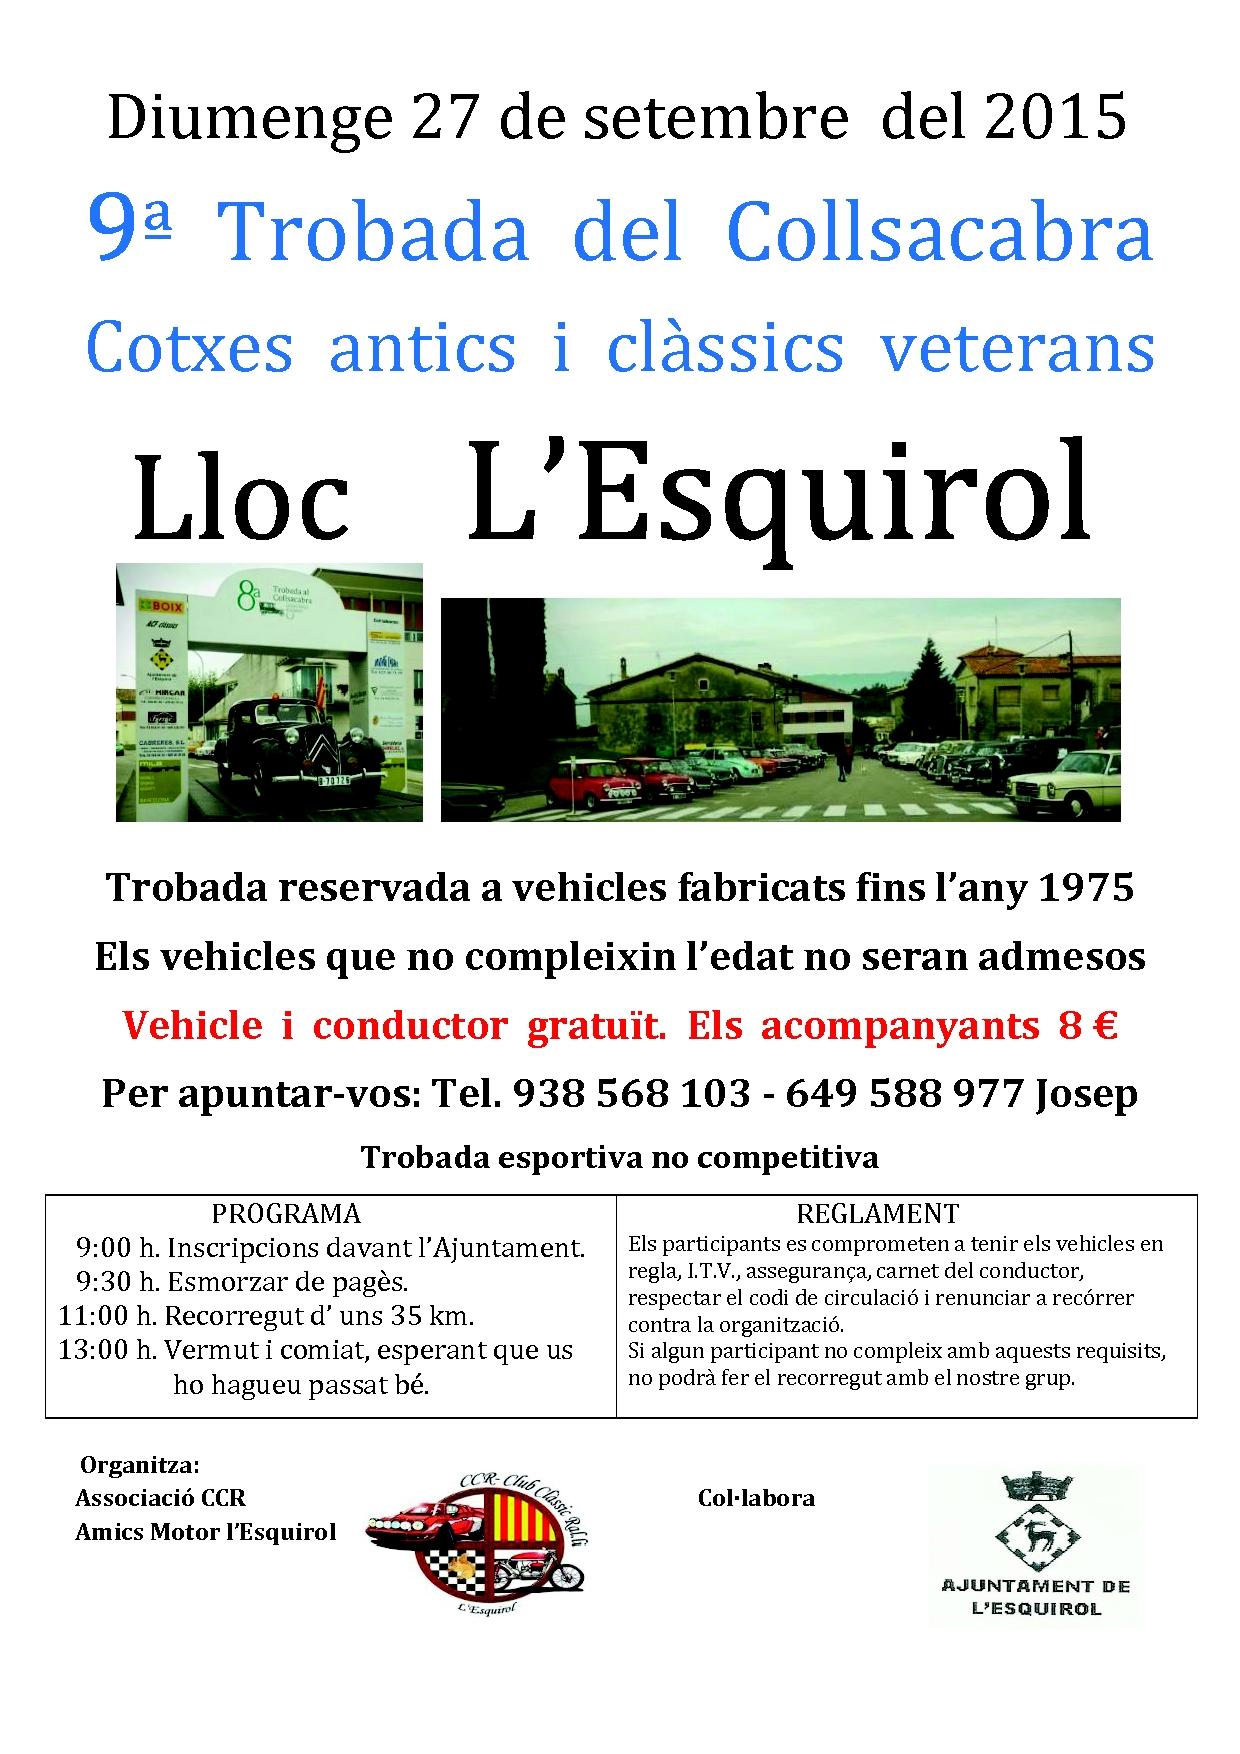 Trobada de cotxes clàssics i veterans